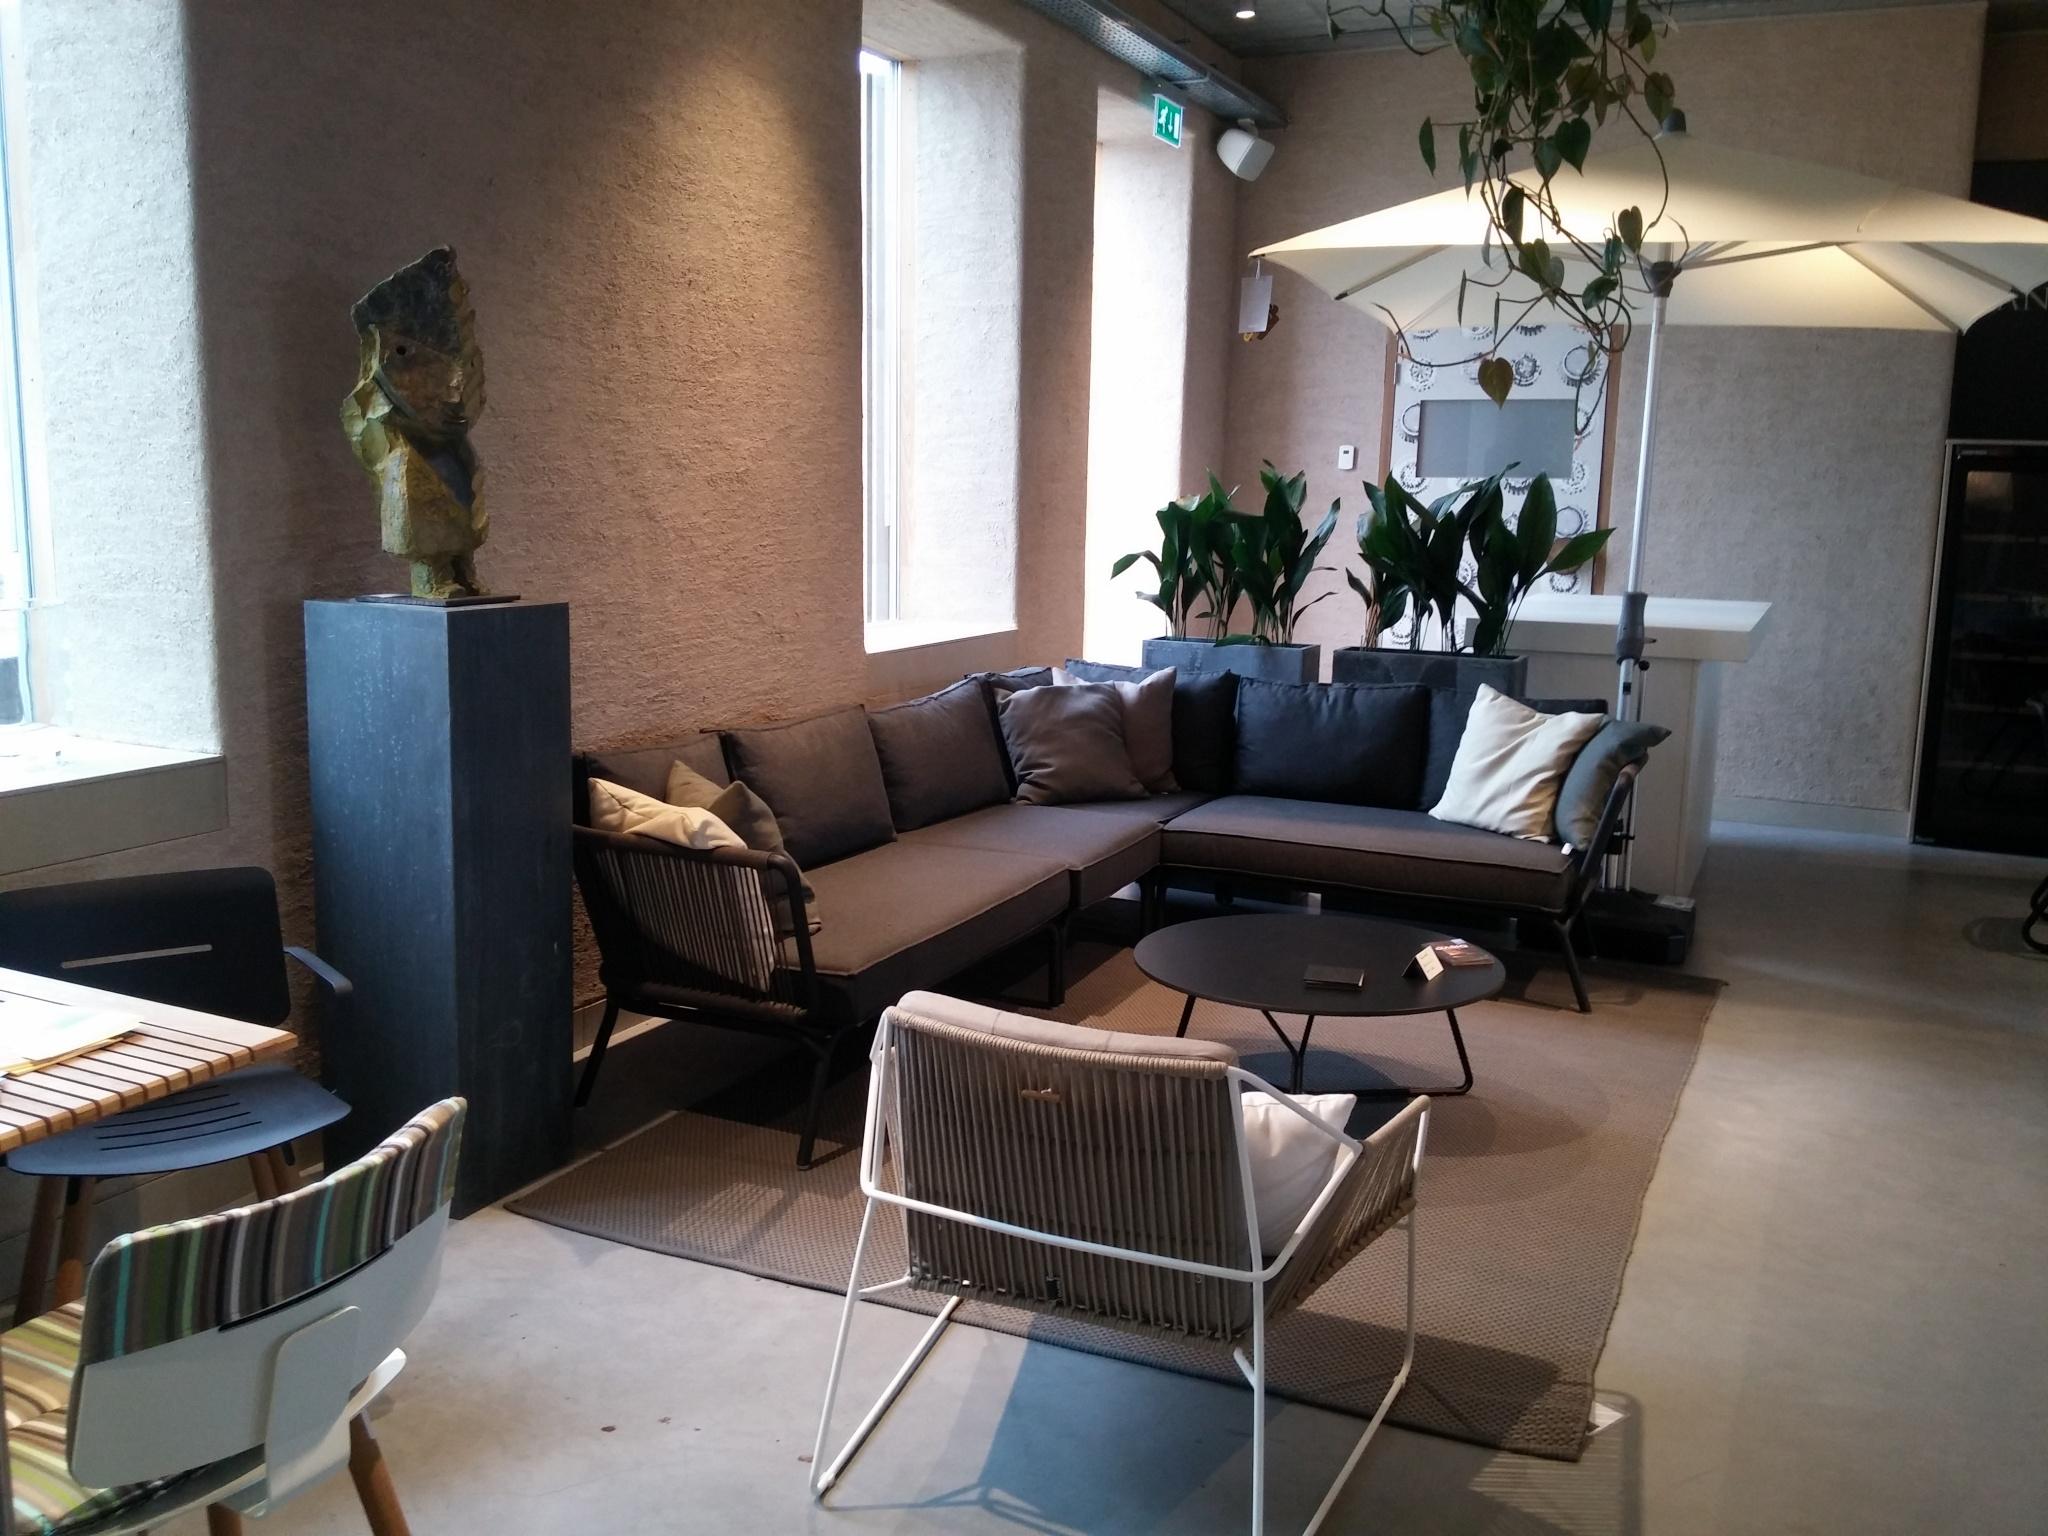 Oasiq yland lounge valderen ✓ van valderen exclusieve